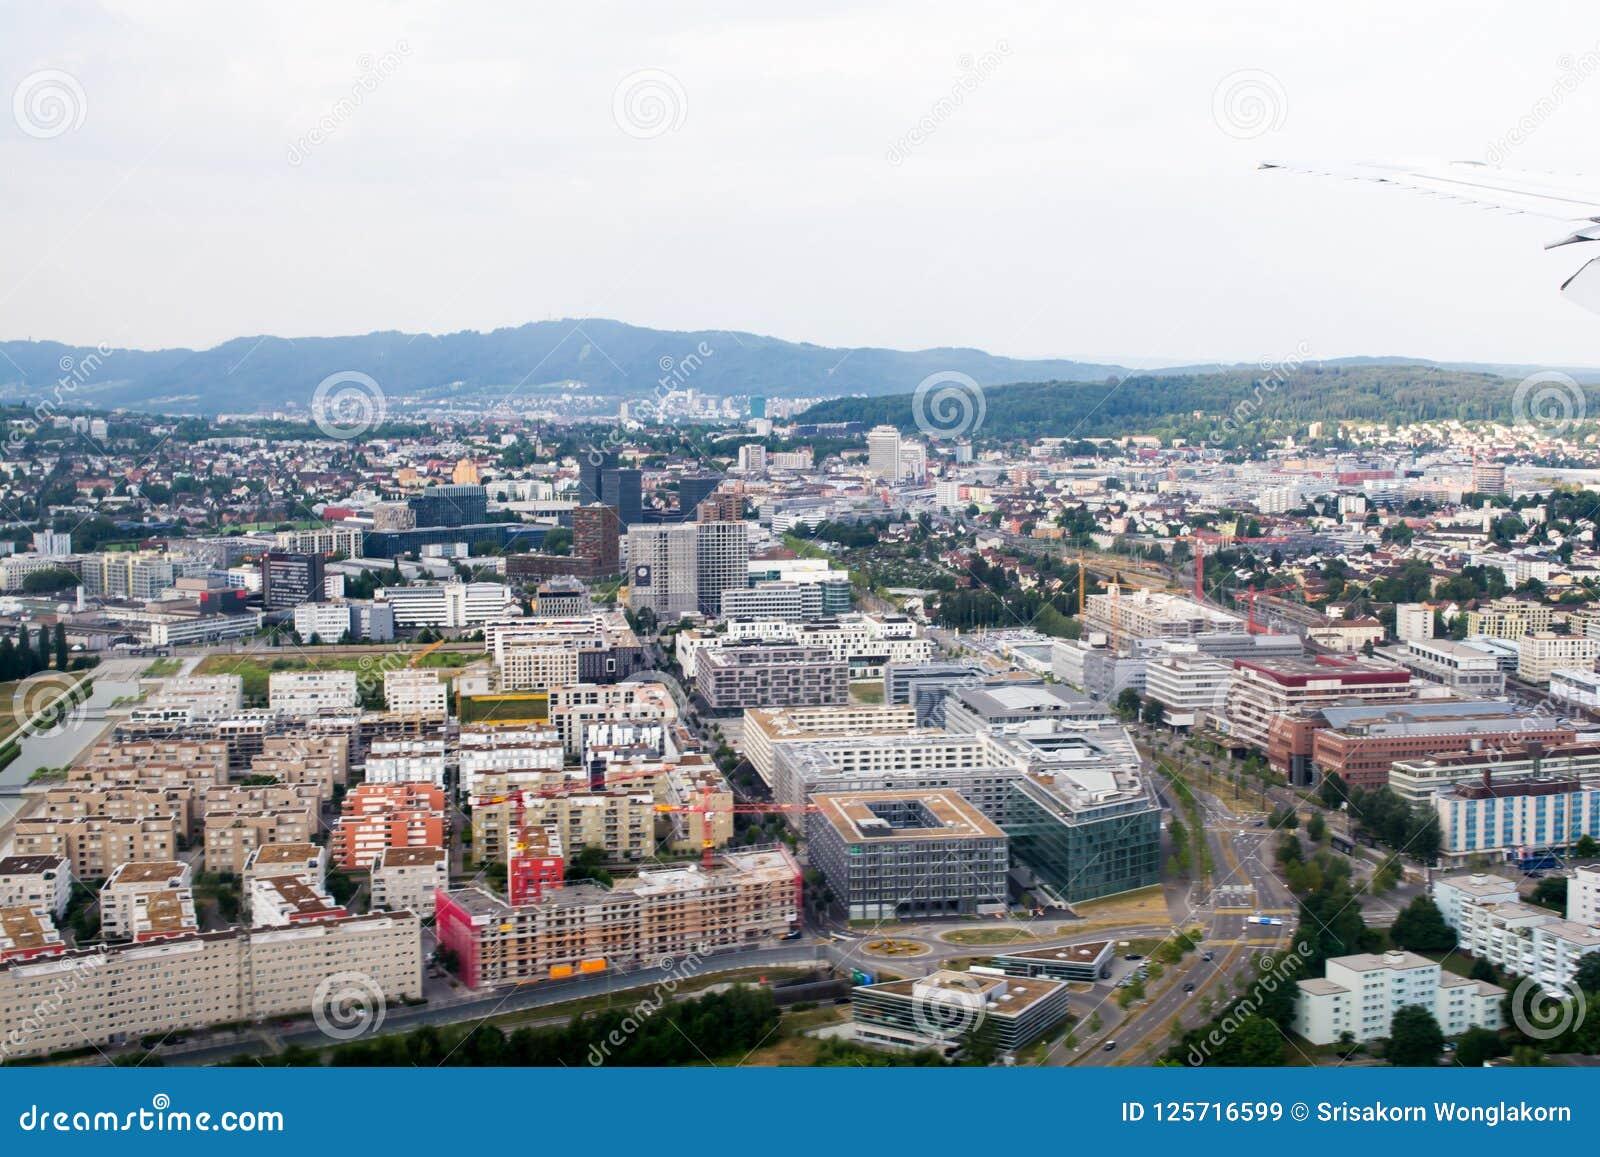 Miasto widoki od kątów, budynki, budynki, domy, rzeki i ulicy wysokości,